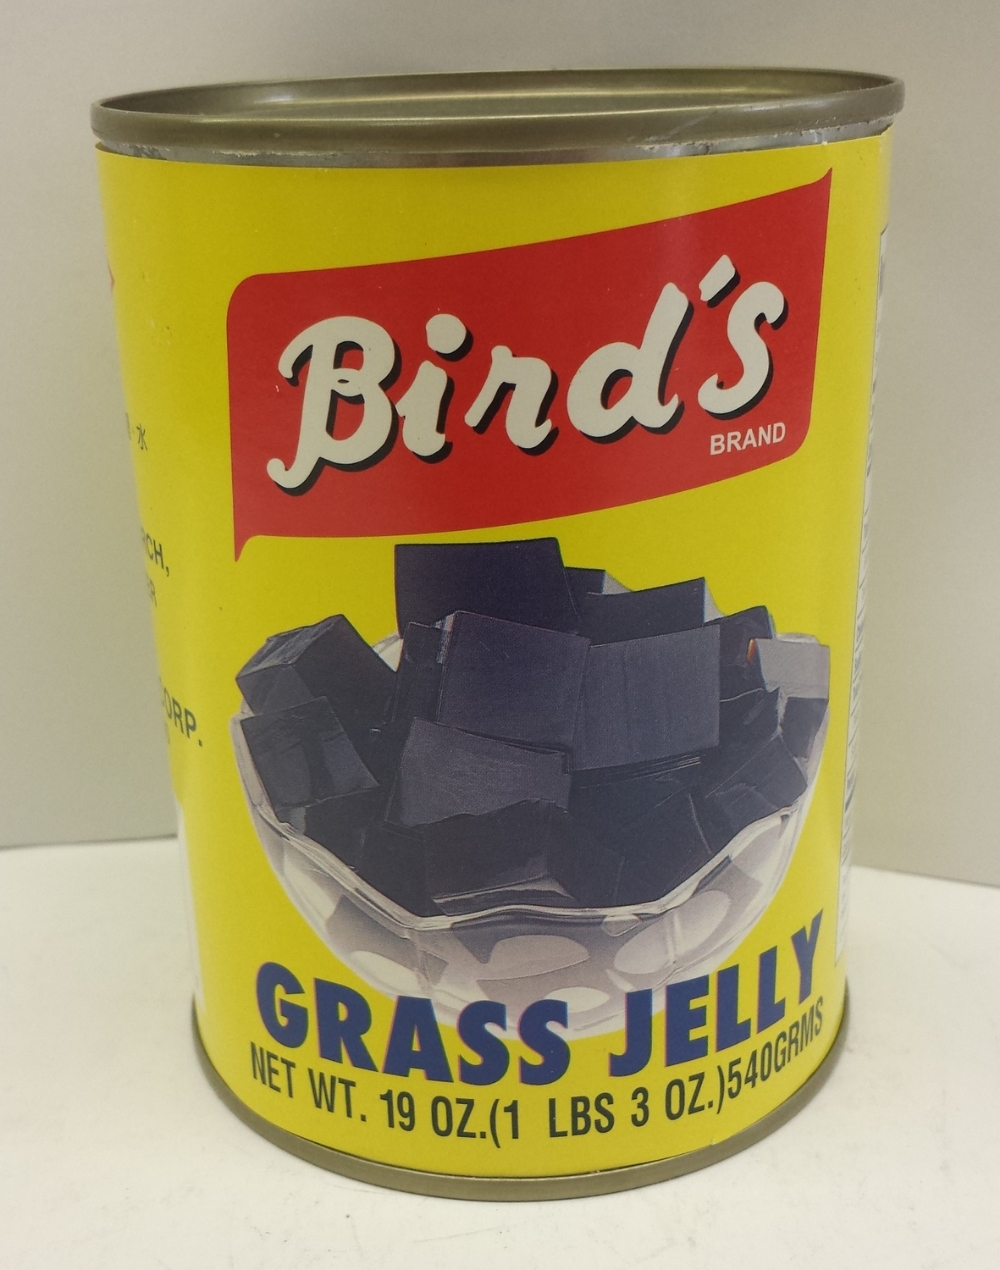 Grass Jelly    Bird's   DK13195 24x19 oz